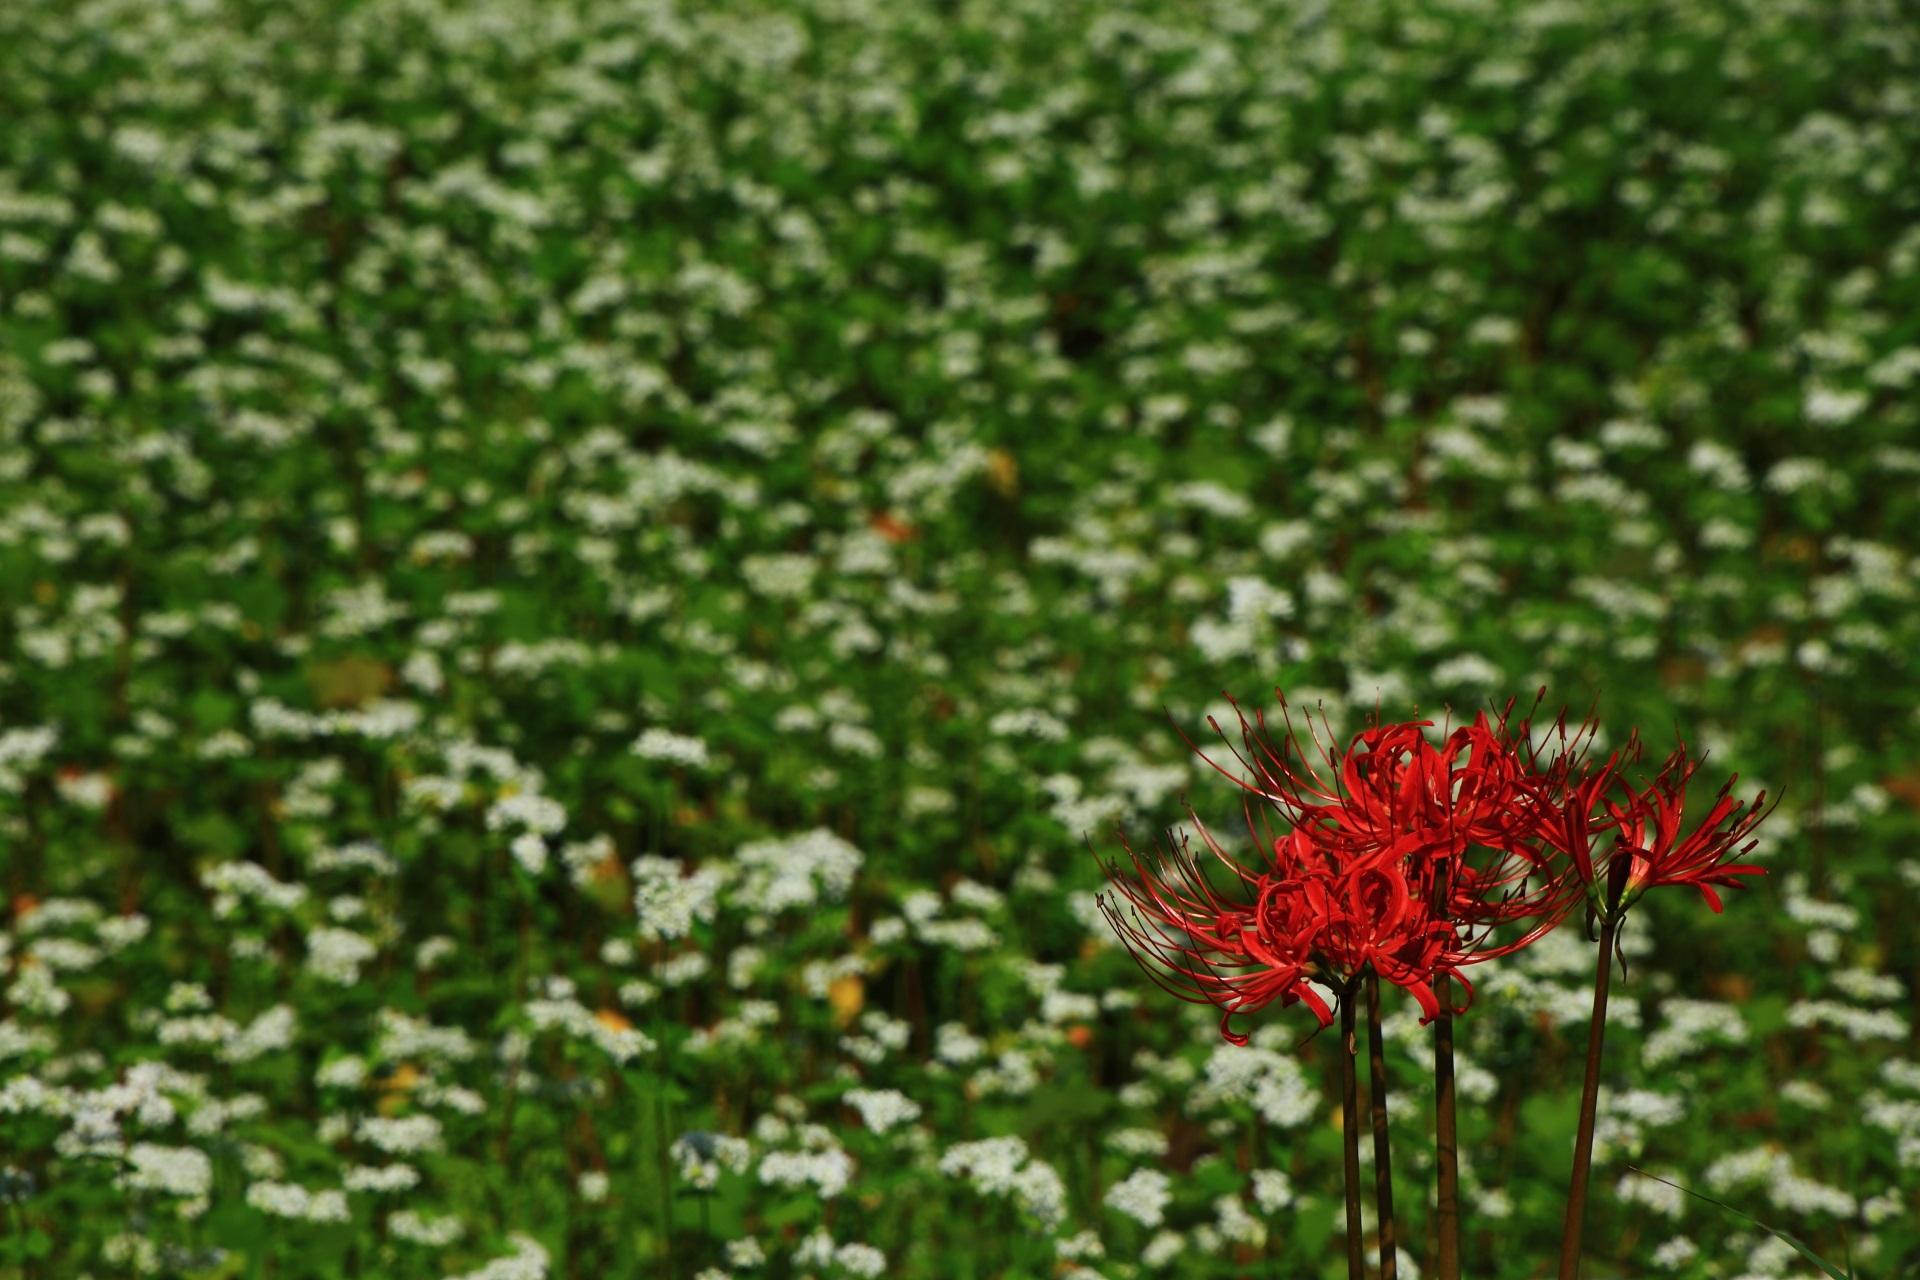 かやぶきの里の鮮やかな赤い彼岸花と華やかな白い蕎麦の花